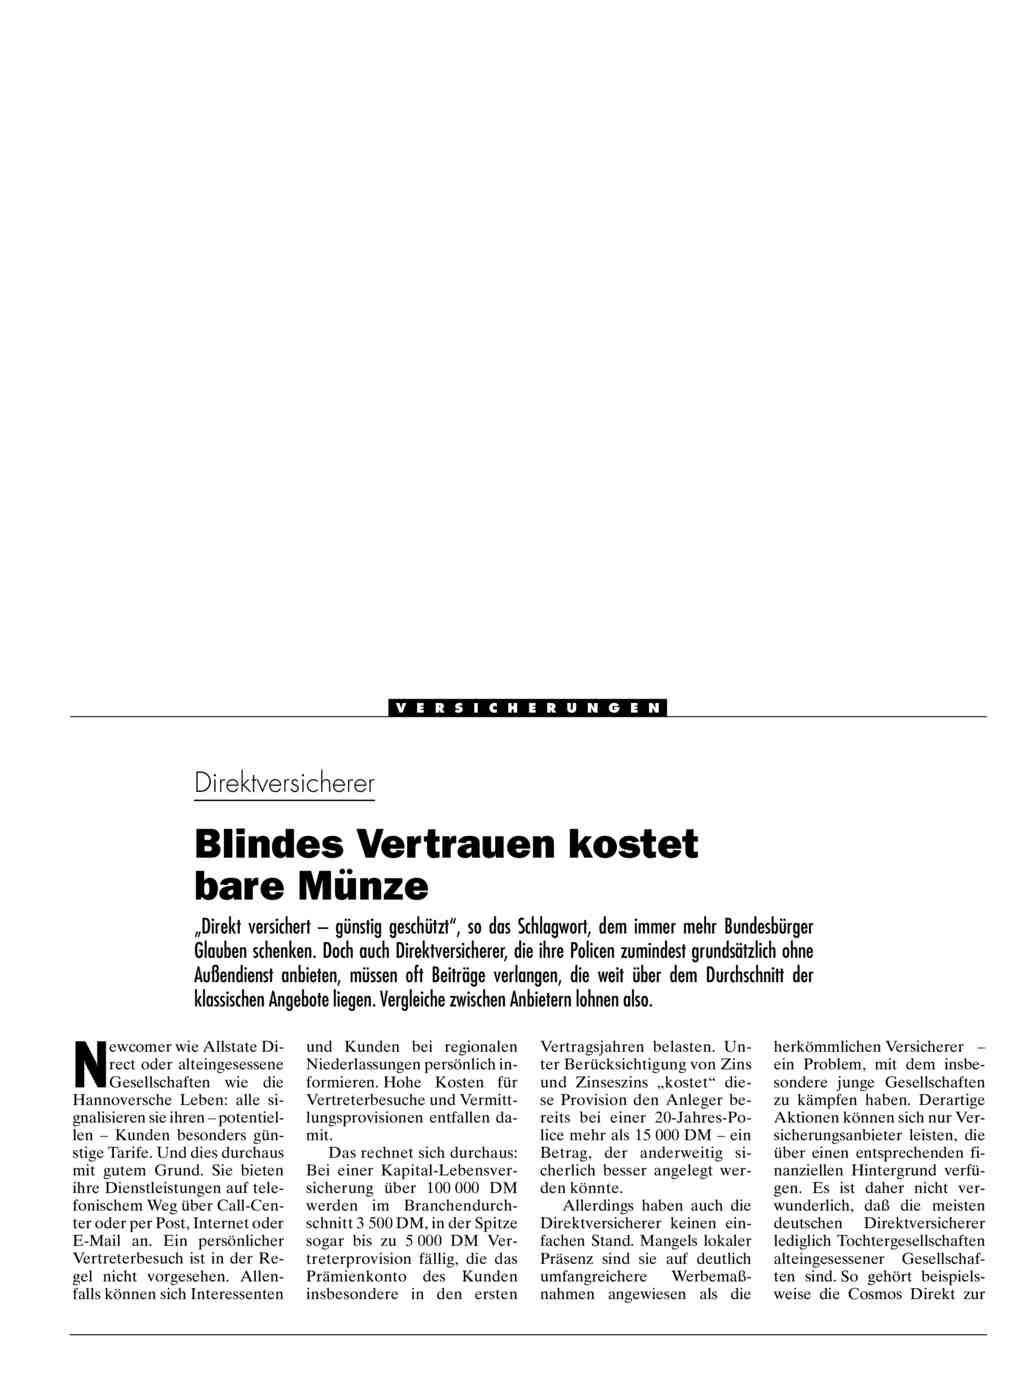 Direktversicherer Blindes Vertrauen Kostet Bare Munze